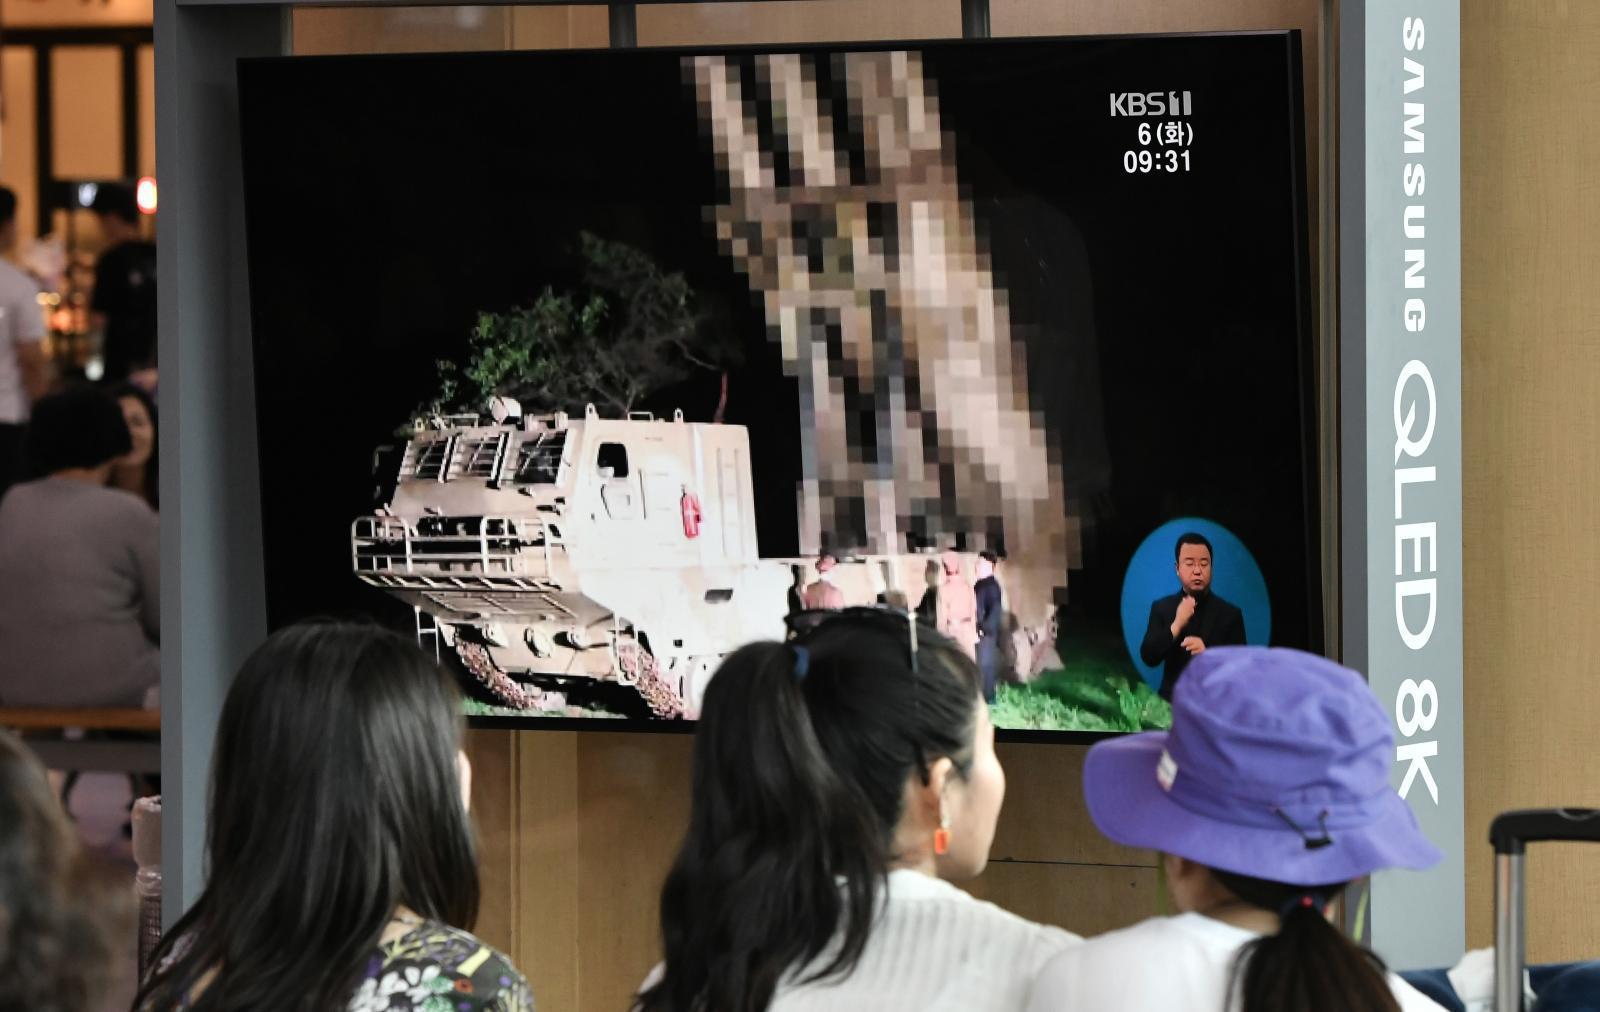 เกาหลีเหนือยิงปนาวุธ ประท้วงซ้อมรบระหว่างเกาหลีใต้ - สหรัฐฯ